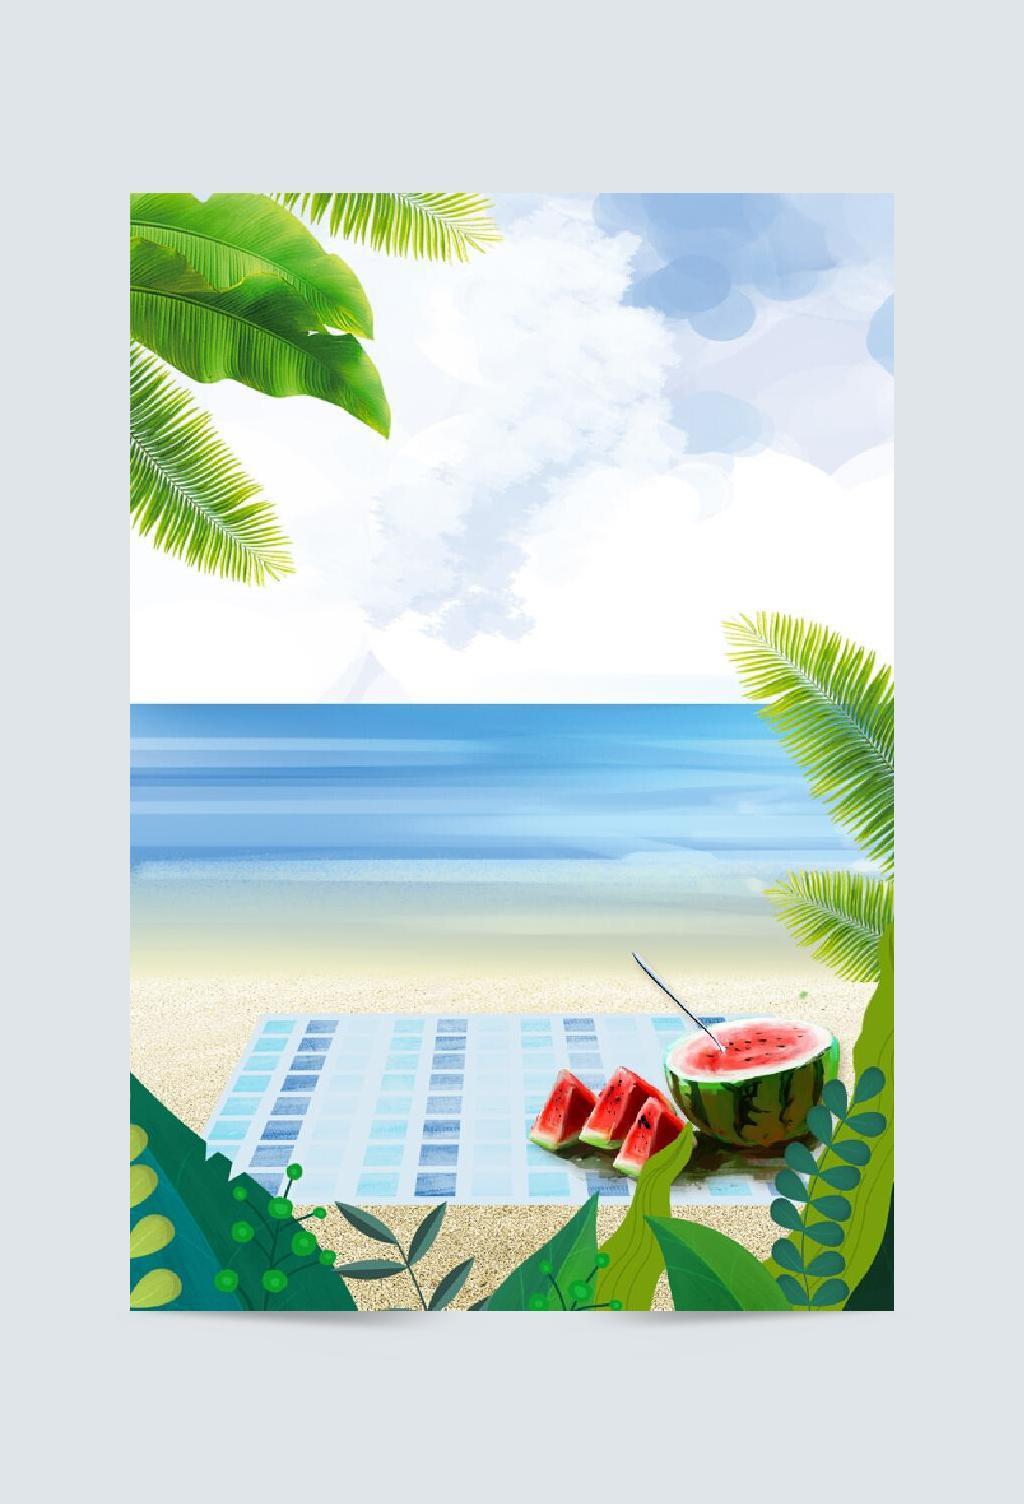 蓝色清新大海立夏背景素材